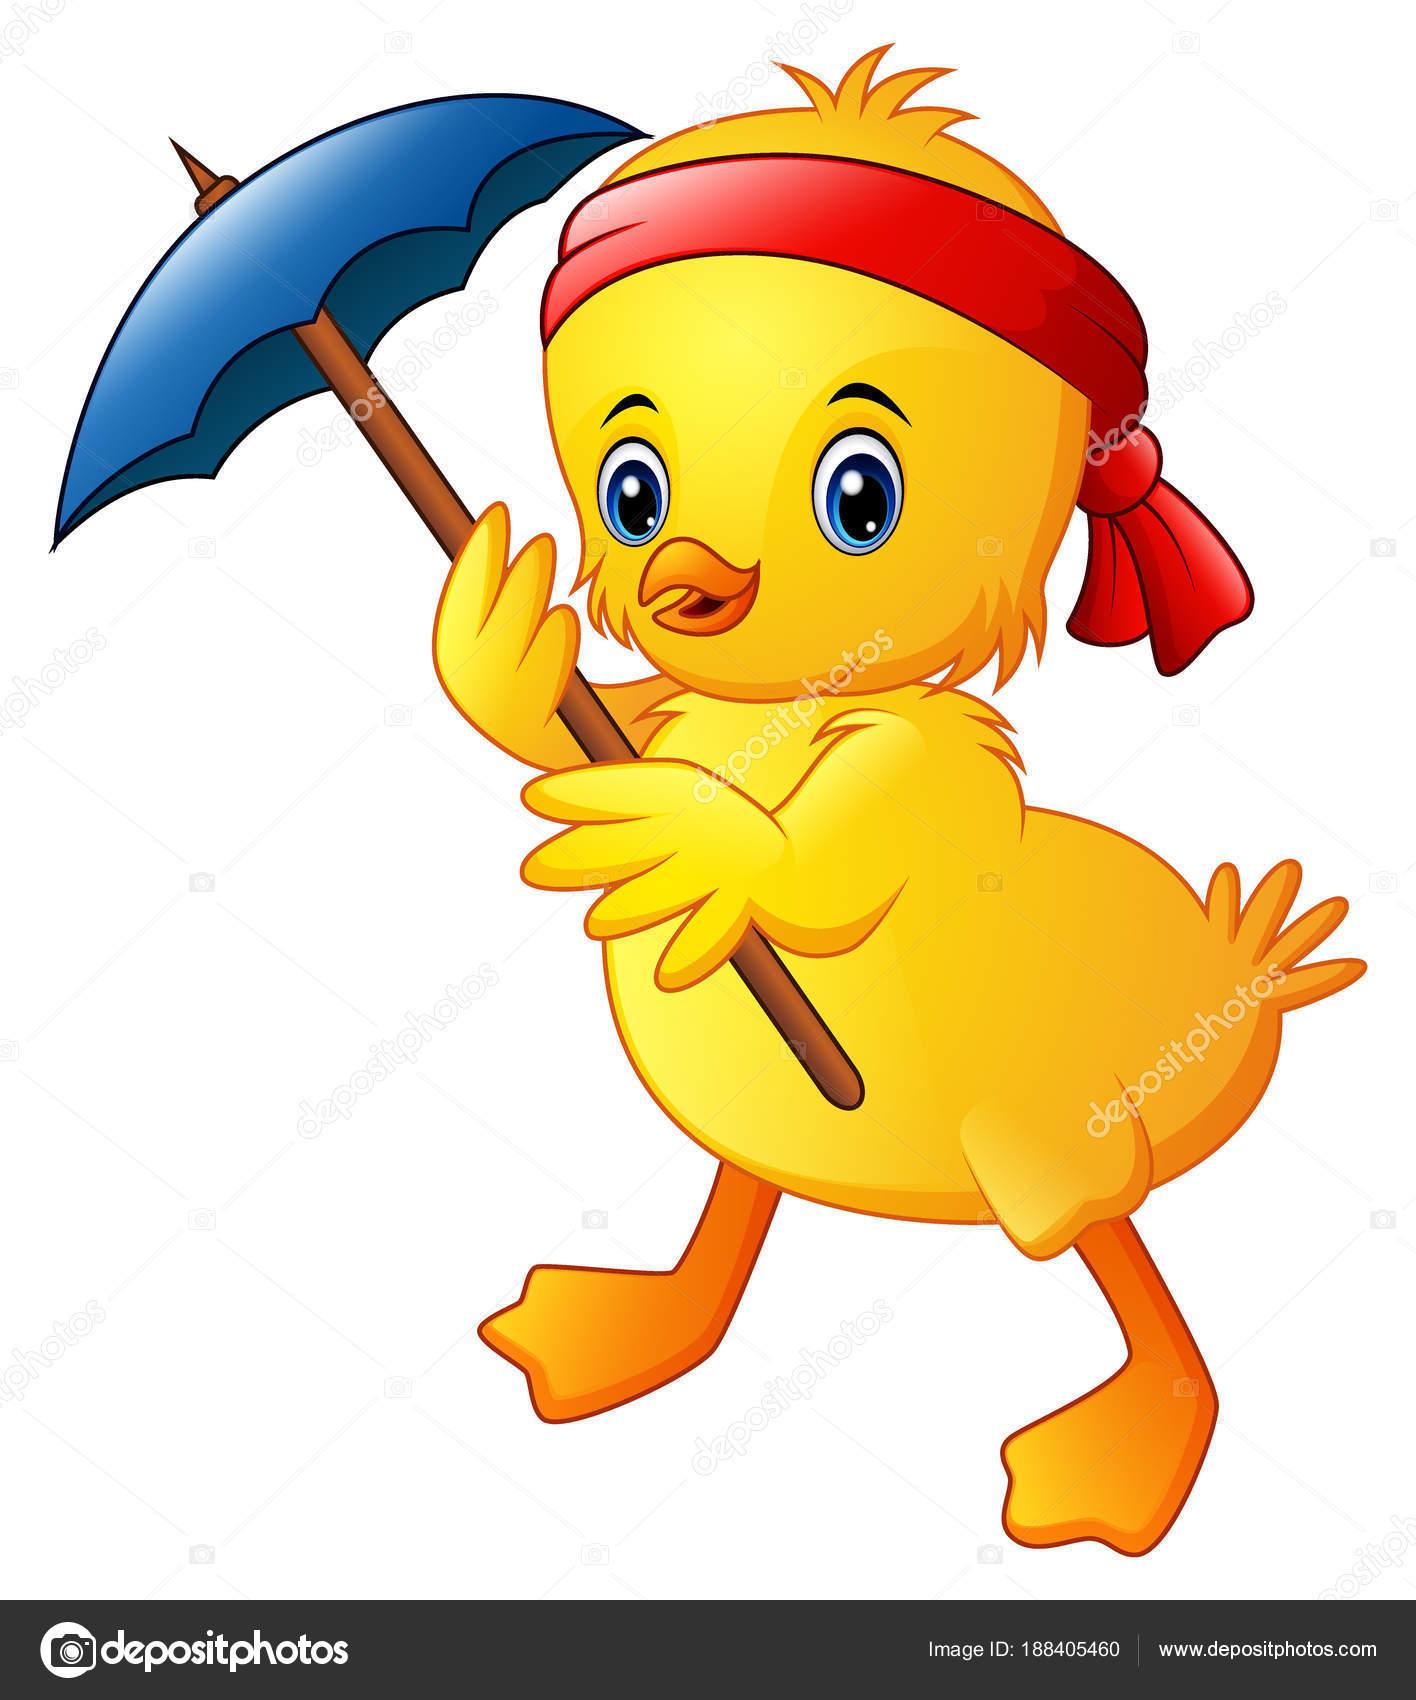 かわいい漫画のカモは青い傘と赤いヘッドバンドのベクトル イラスト